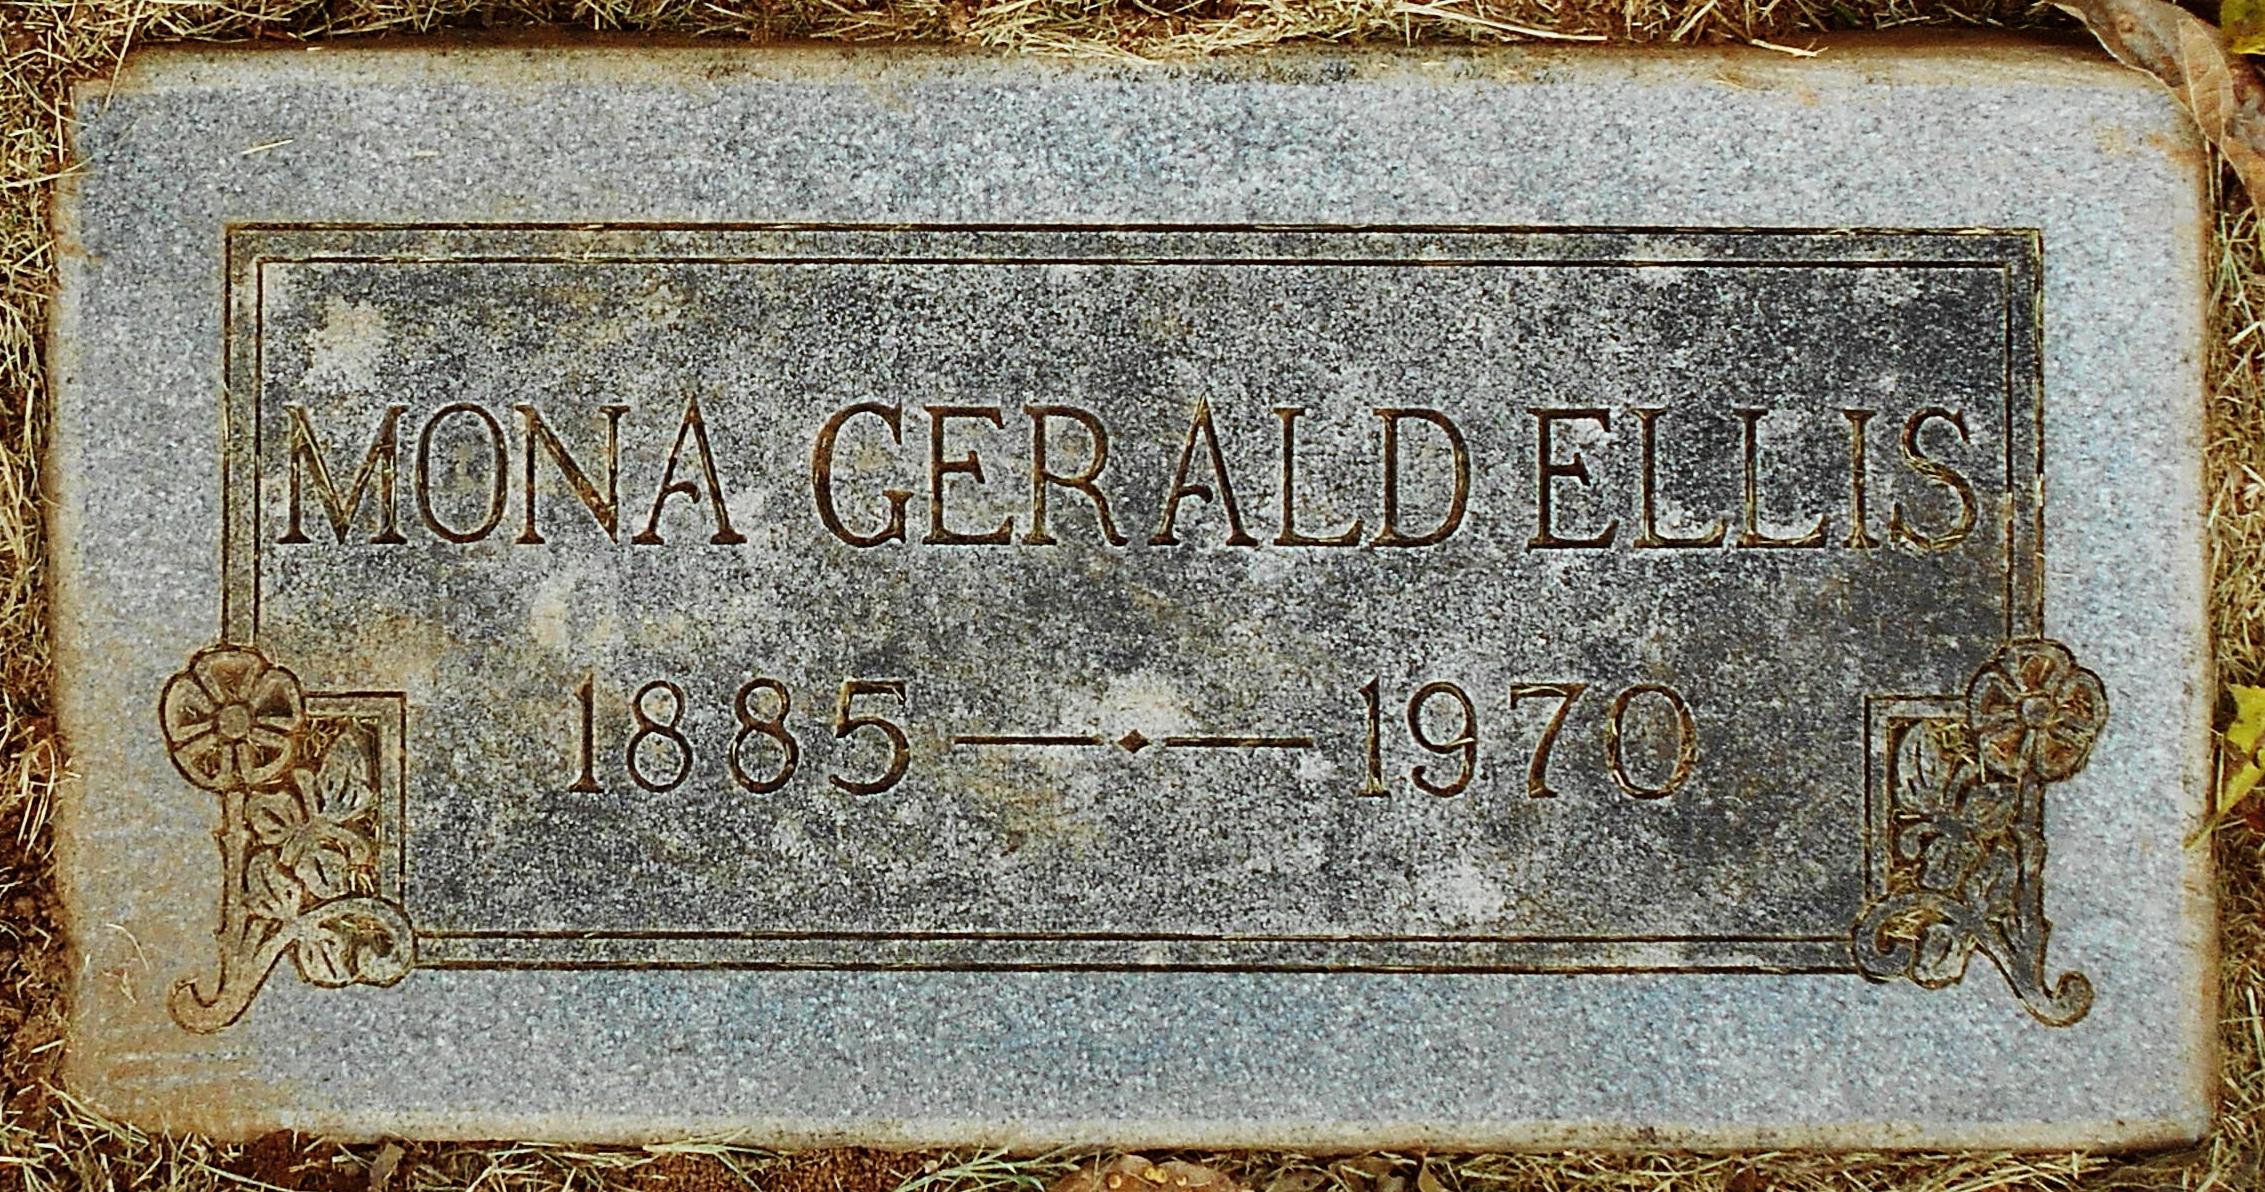 Mona <i>Gerald</i> Ellis